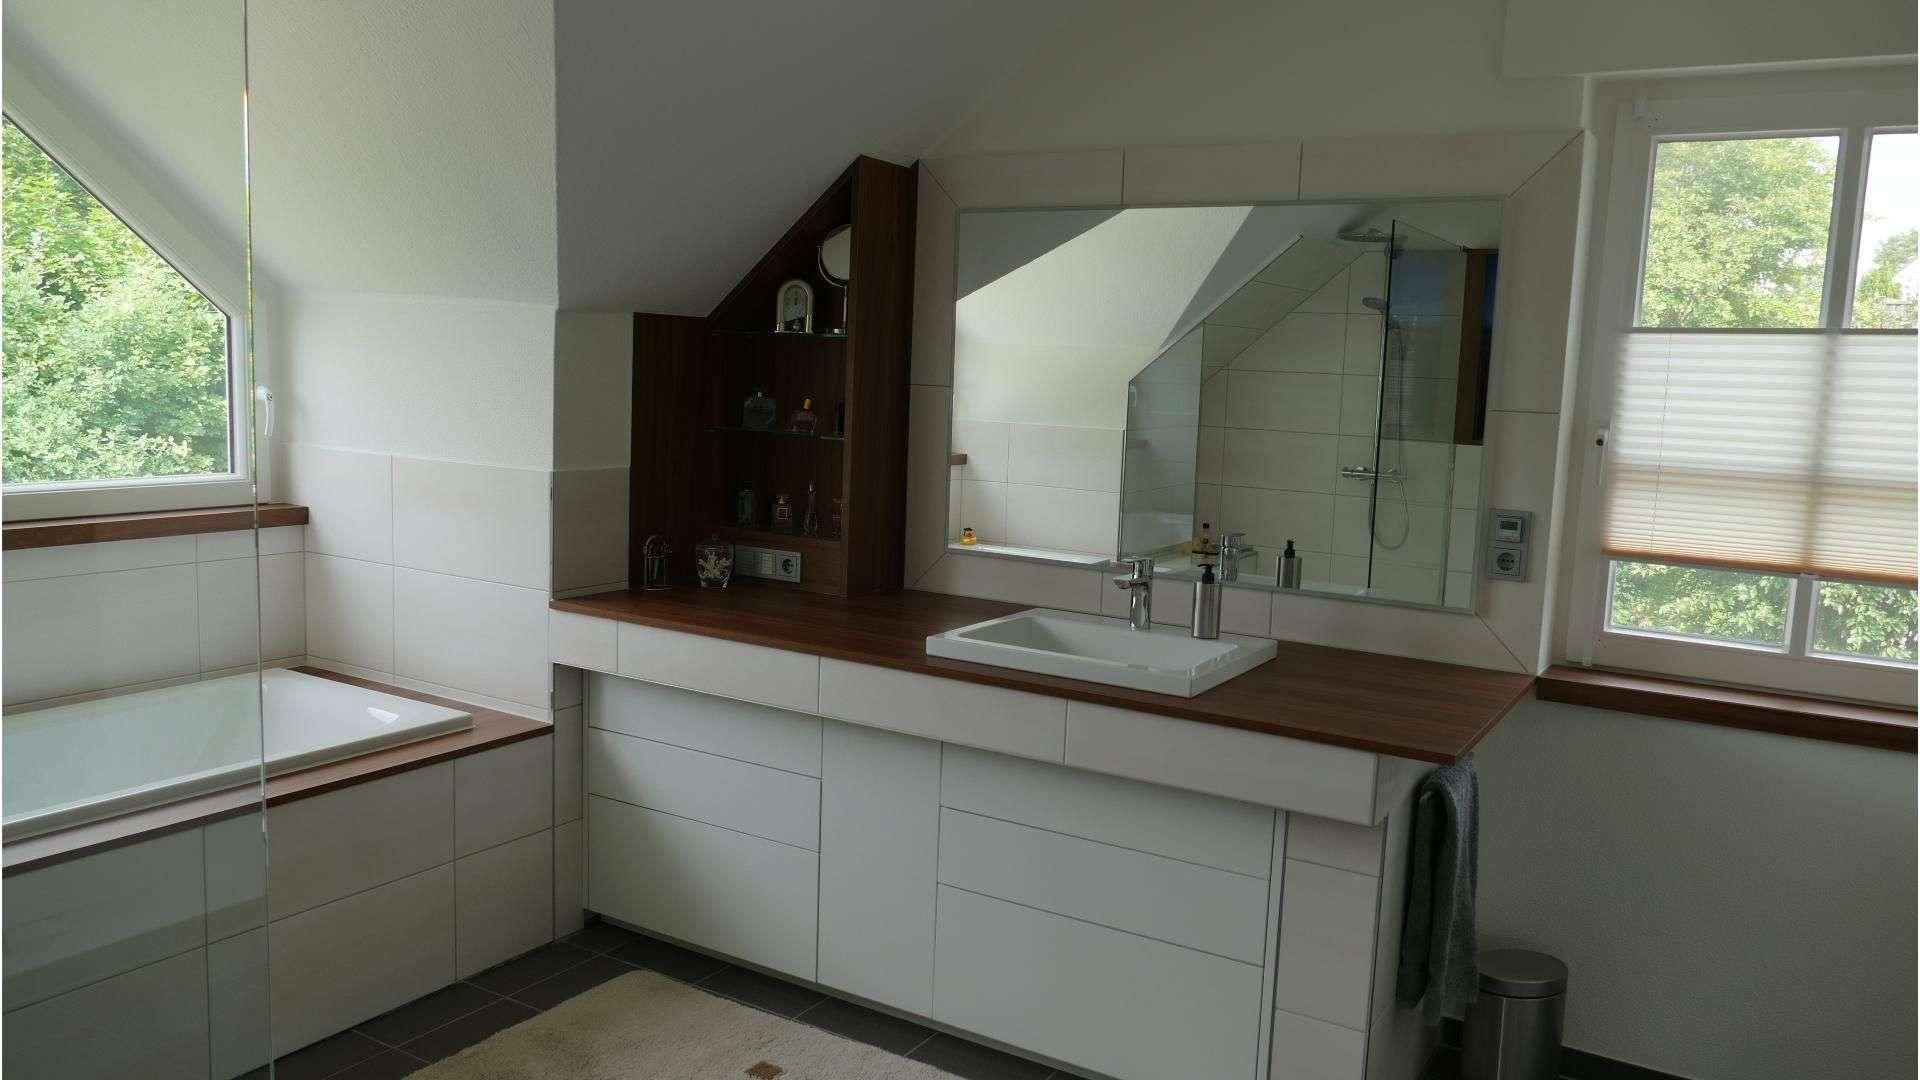 Spiegel über einem Waschbecken